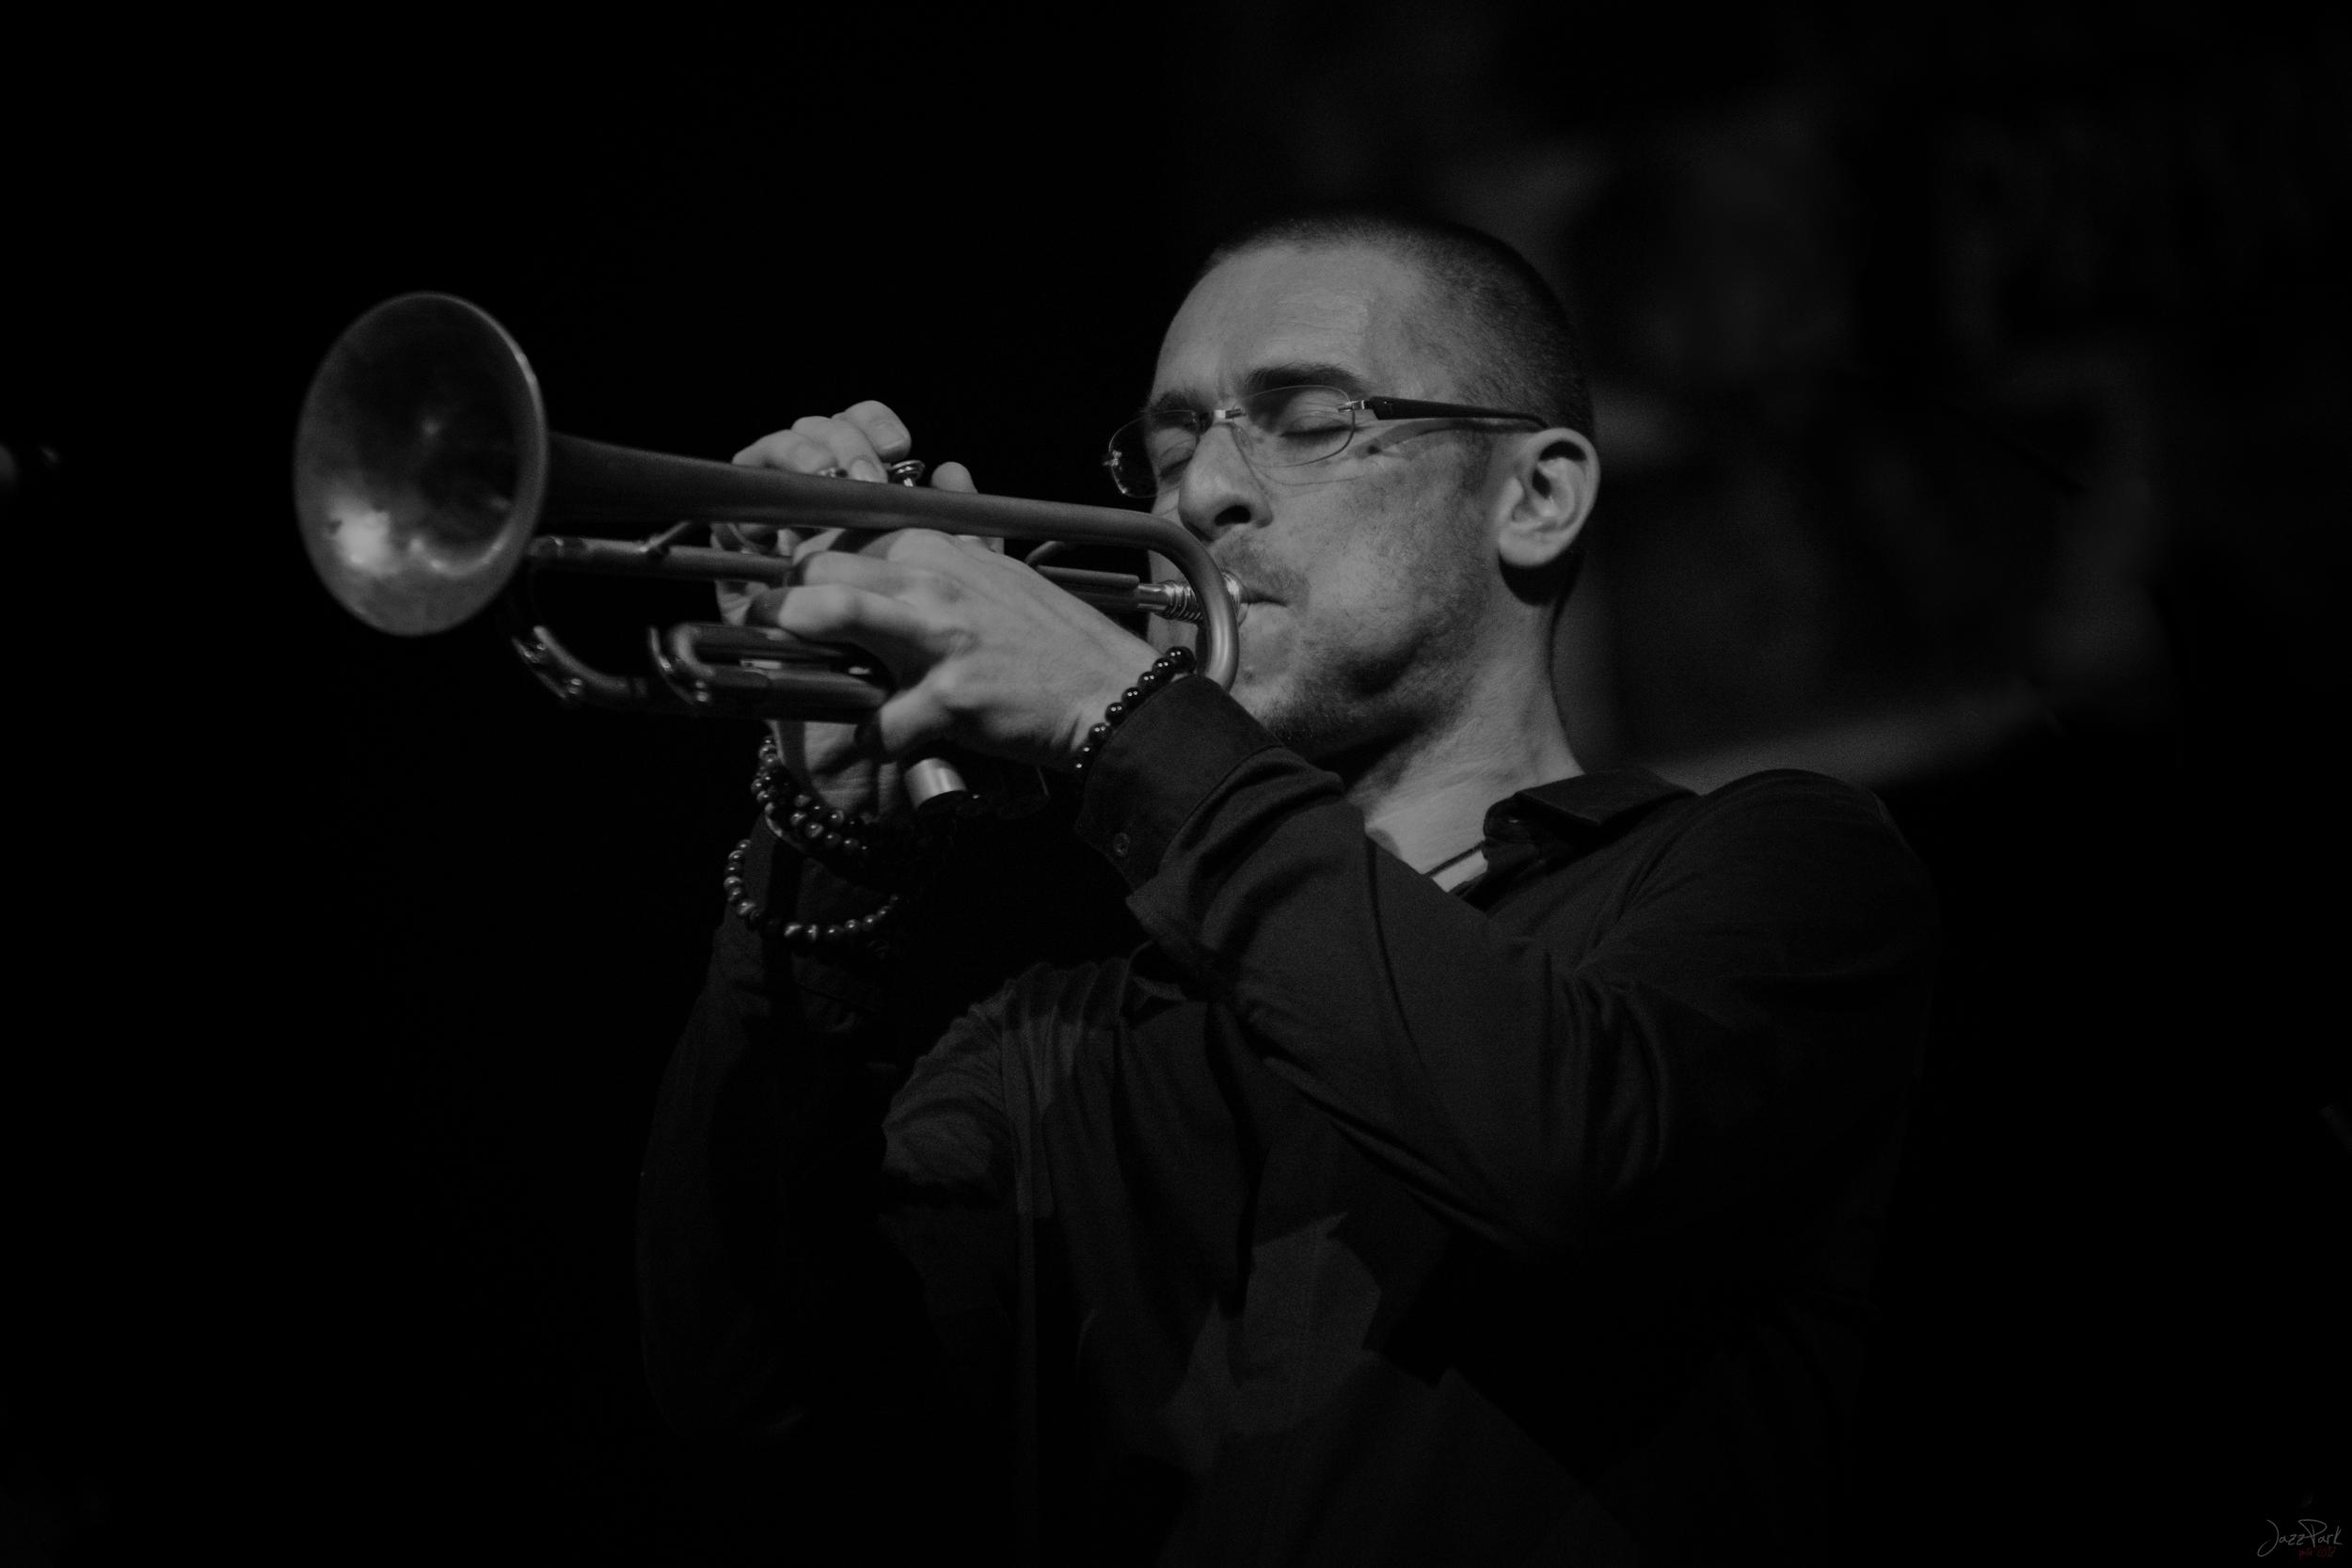 Koncert 19.12.2017 vČeských Budějovicích a fotografie ztour na Slovensku